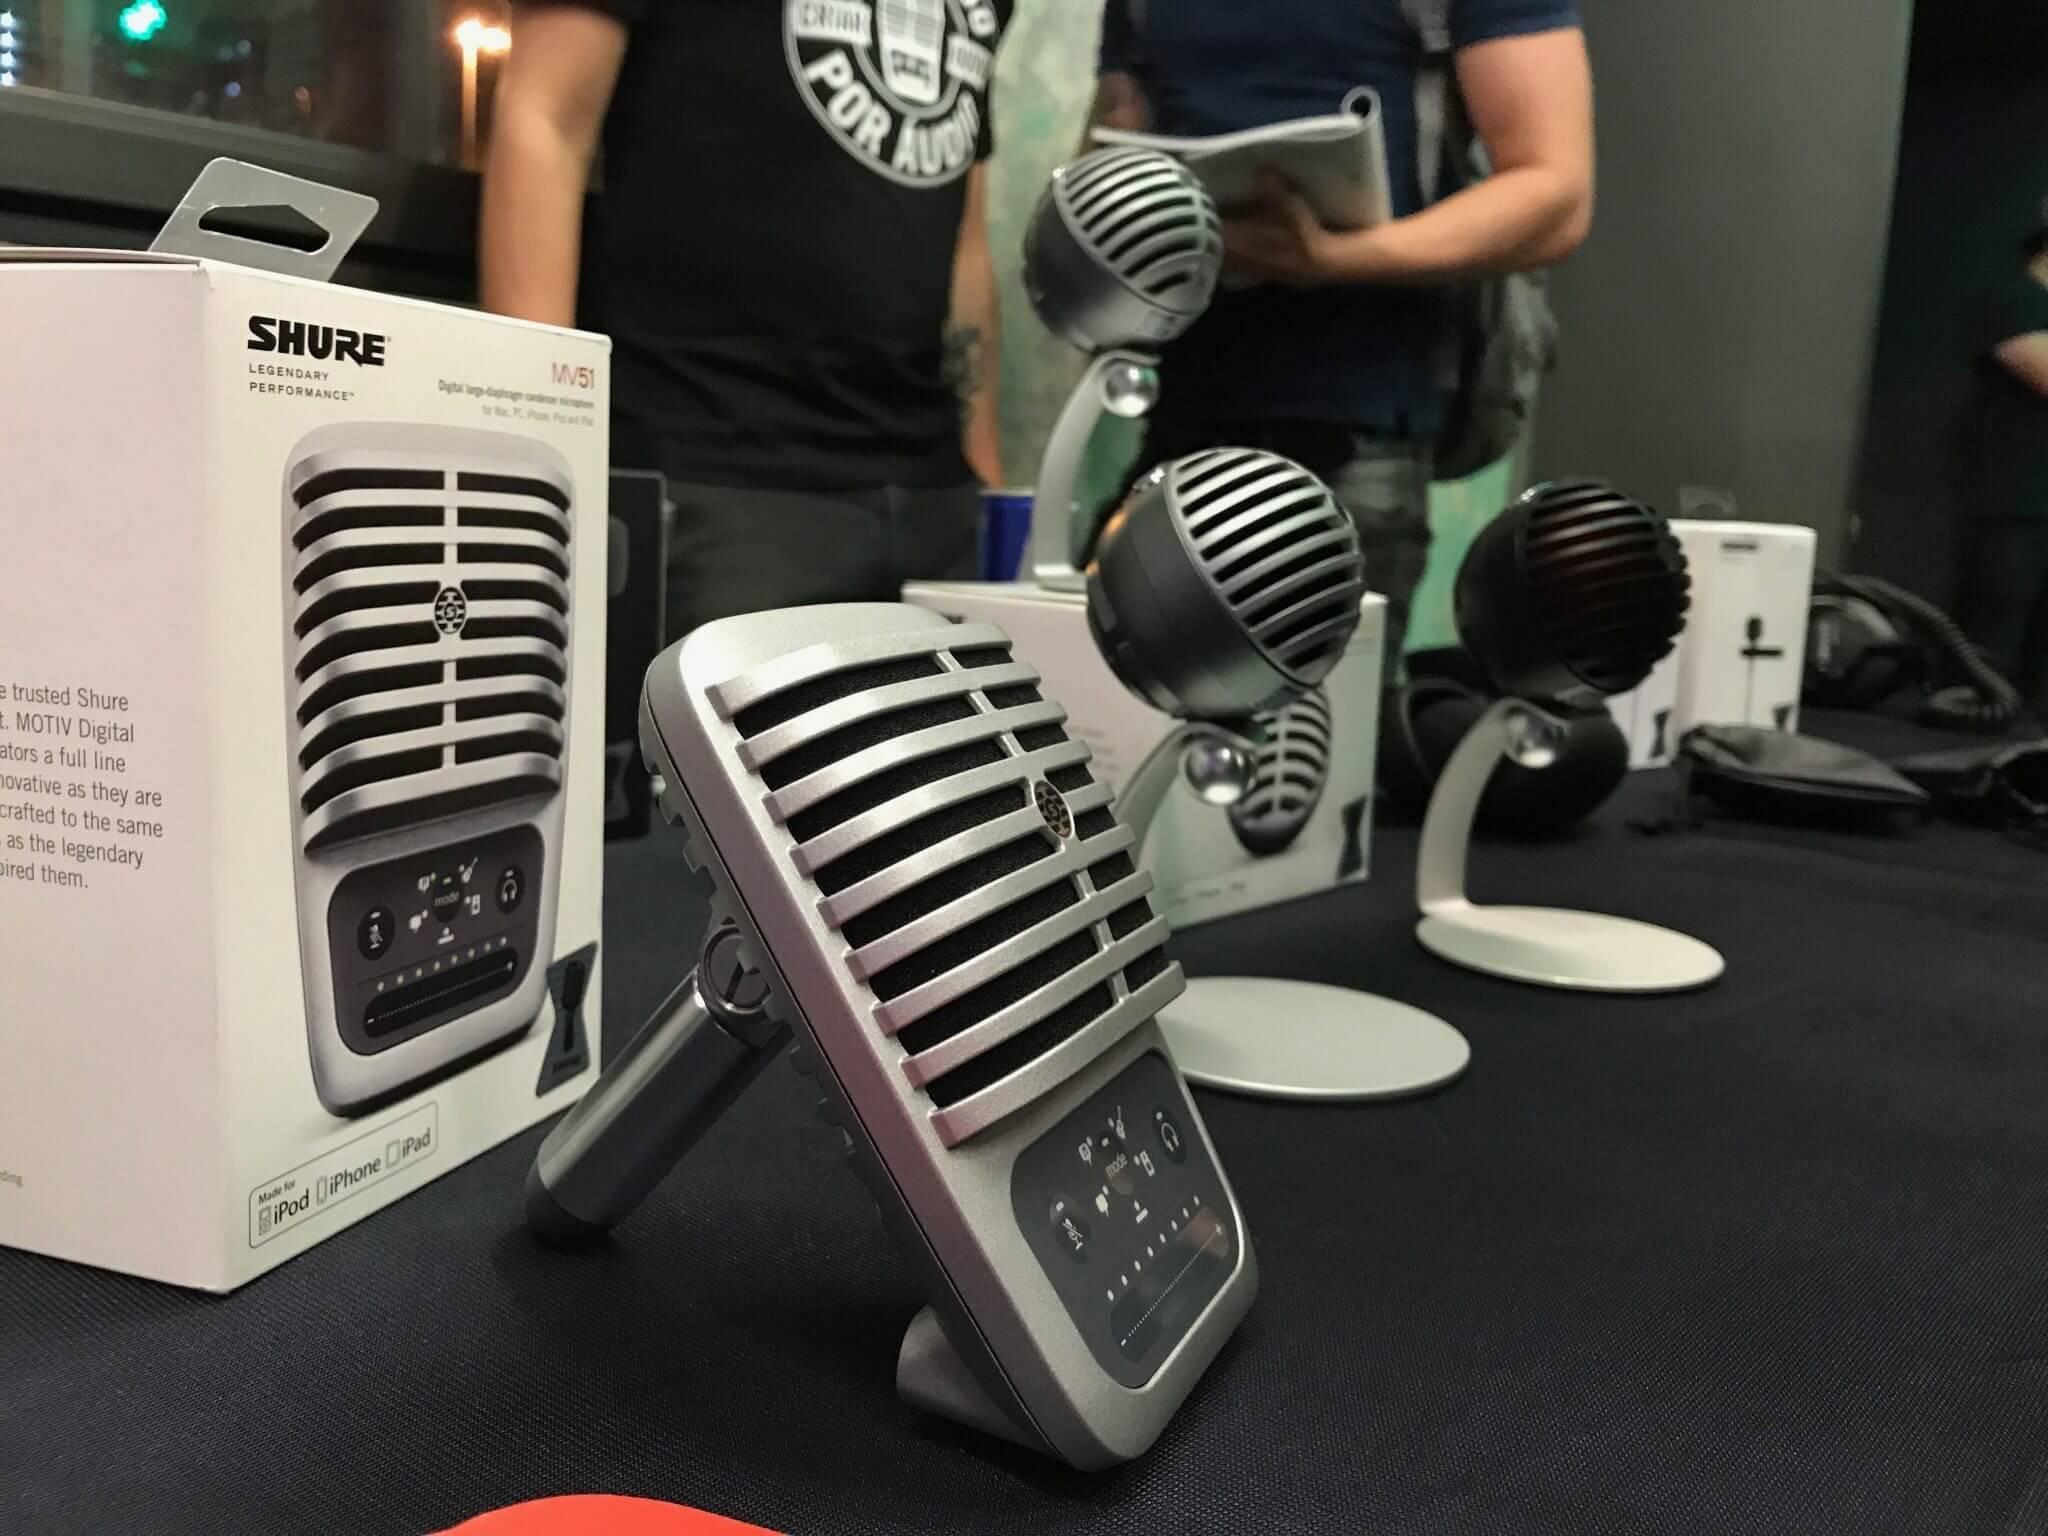 Shure apresenta linha de microfones motiv para influenciadores digitais